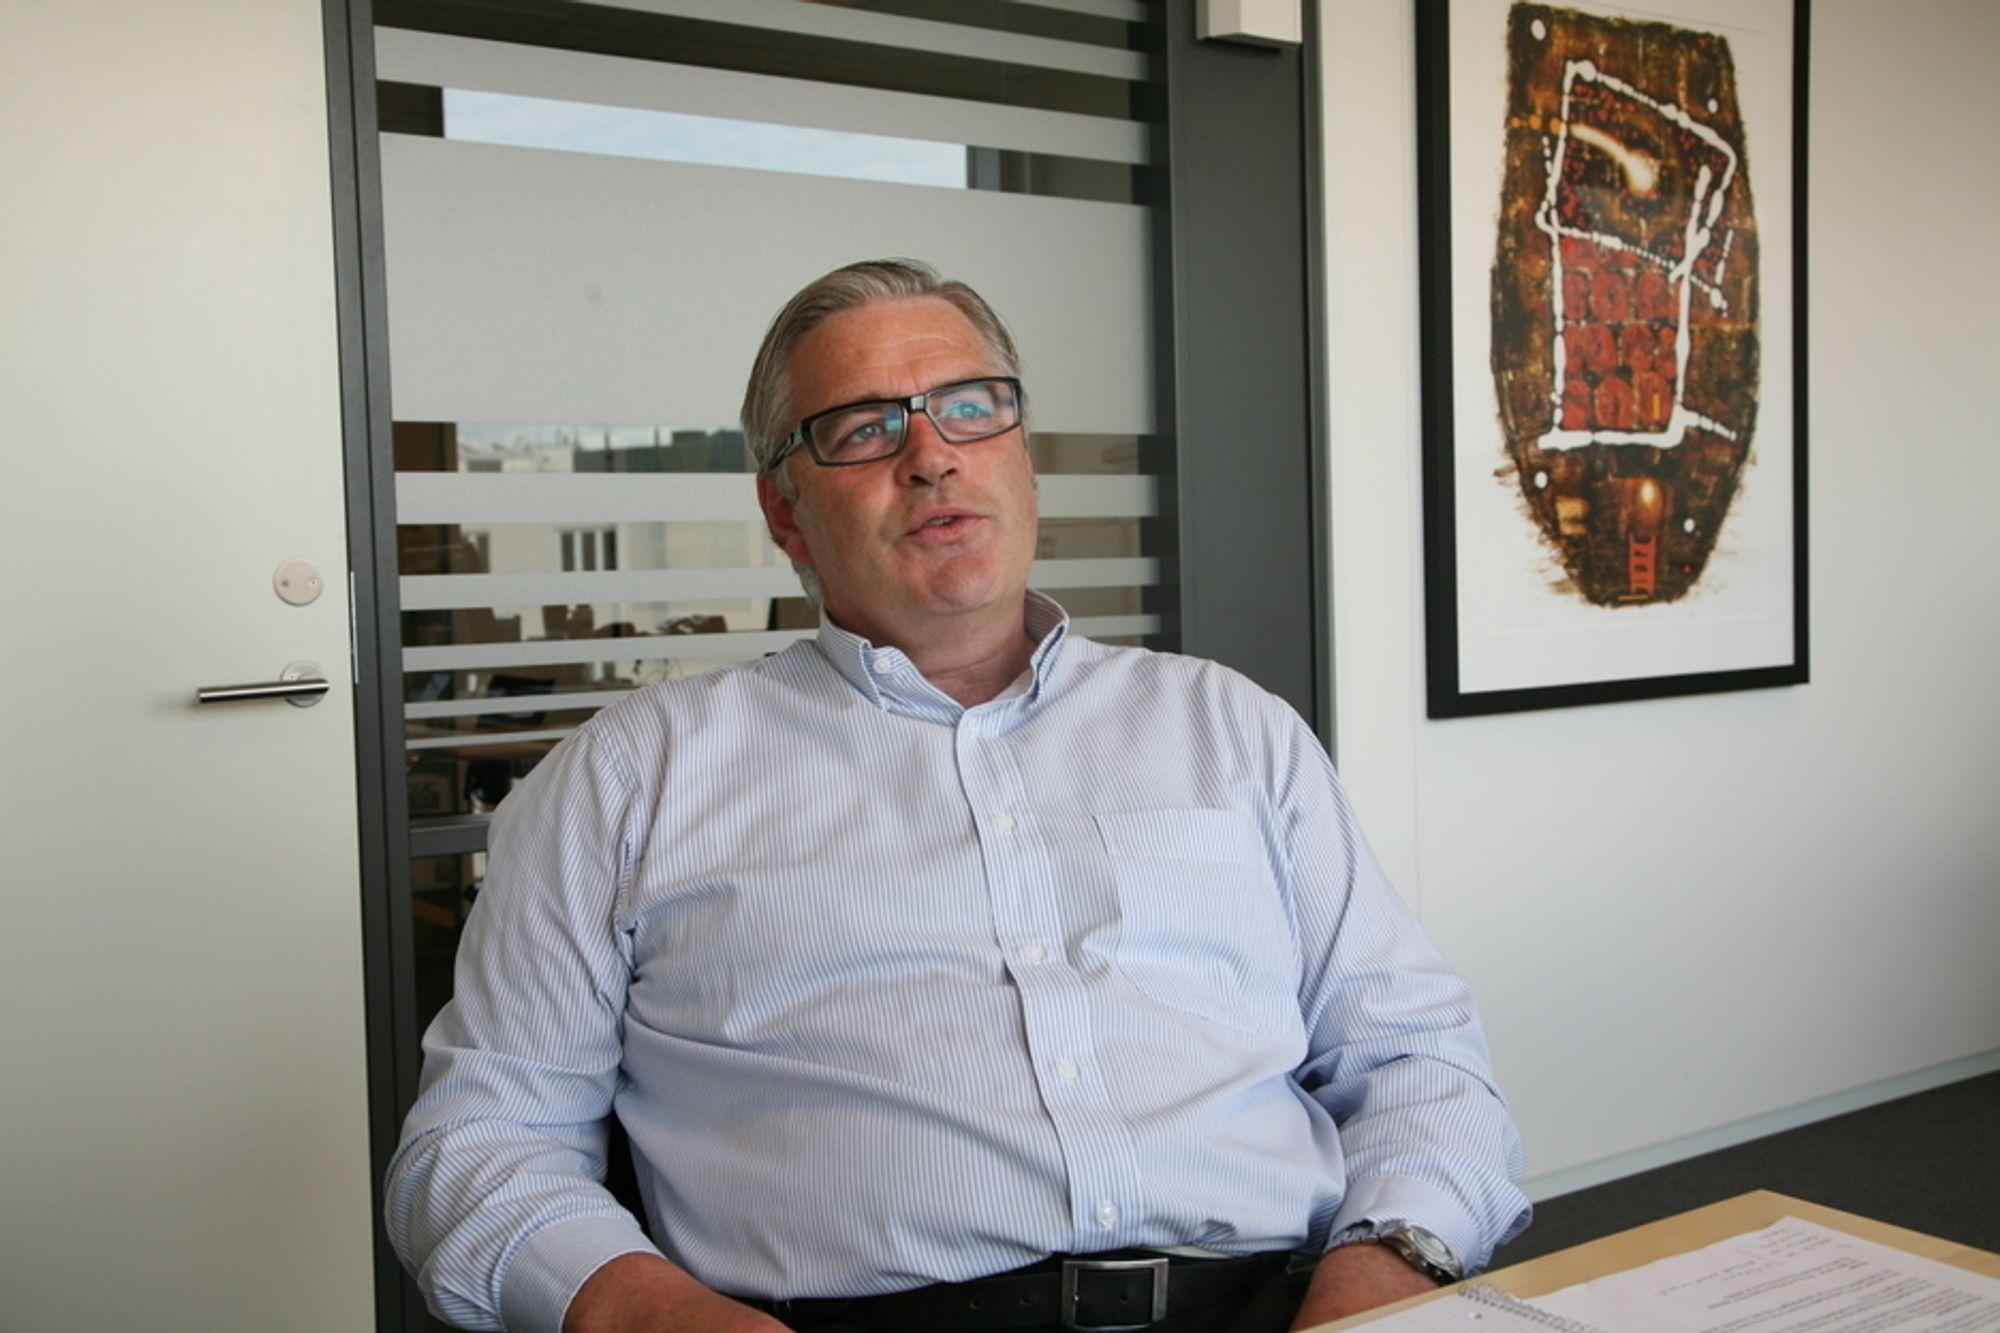 Administrerende direktør Geir Dølvik i Manpower Professional Engineering mener vi er på vei mot kraftig ingeniørmangel i Norge, og at vi må gjøre noe for å tiltrekke oss flere utlendinger.